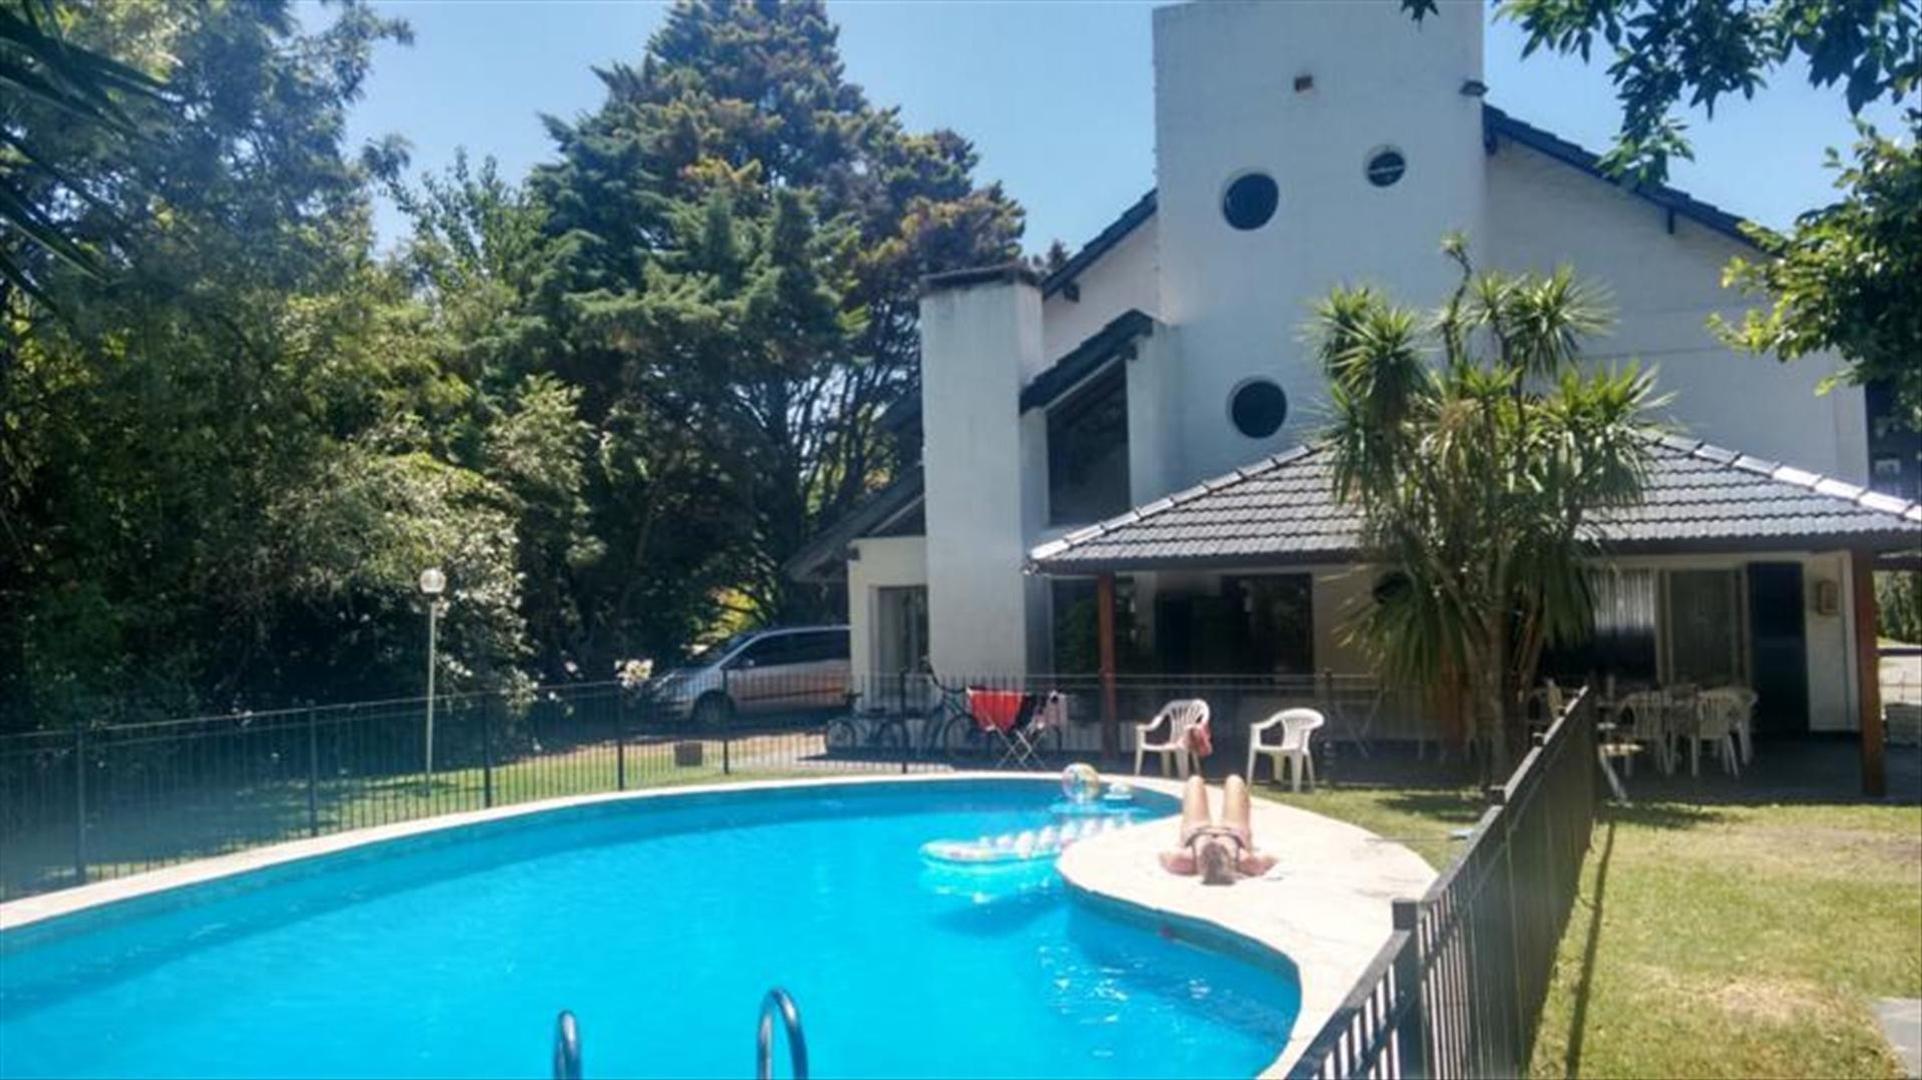 Casa en Venta en Country Club Los Cardales - 5 ambientes